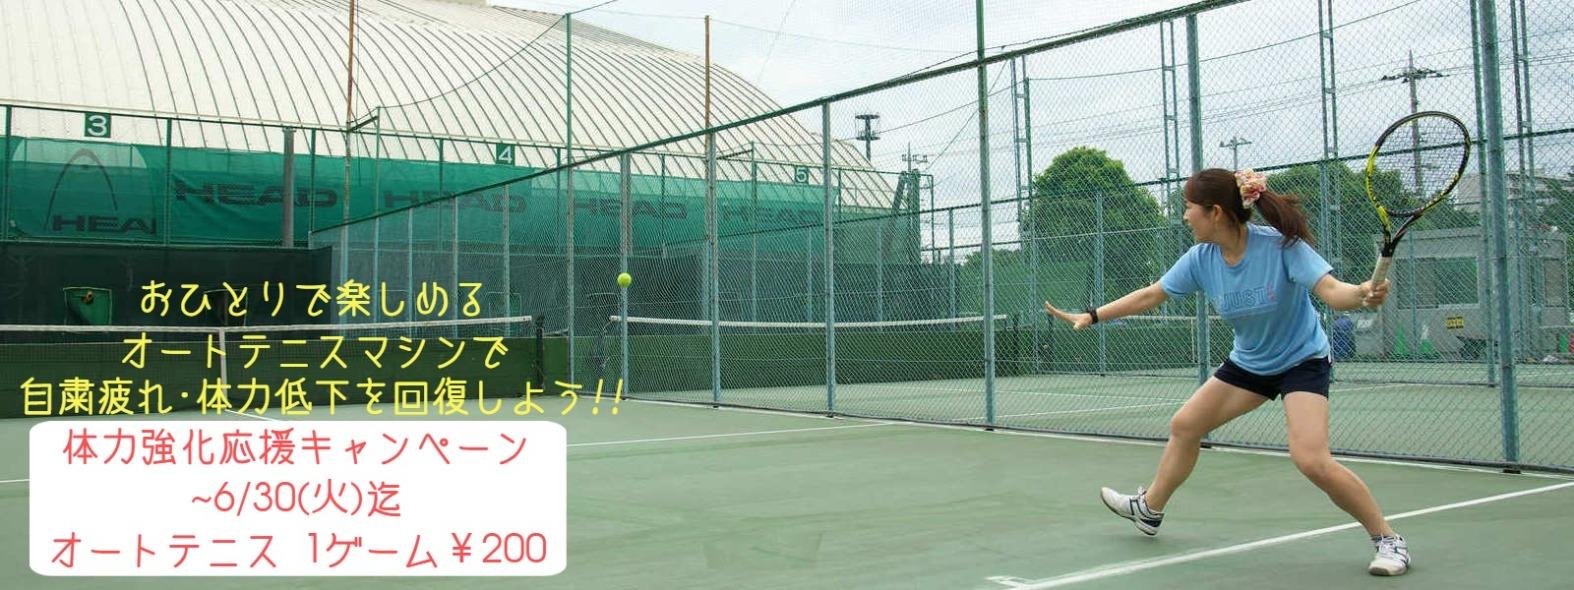 オートテニス 自粛疲れ・体力低下を回復しょう「体力強化応援キャンペーン」~2020/06/30迄 昭和の森テニスセンター(東京都昭島市)